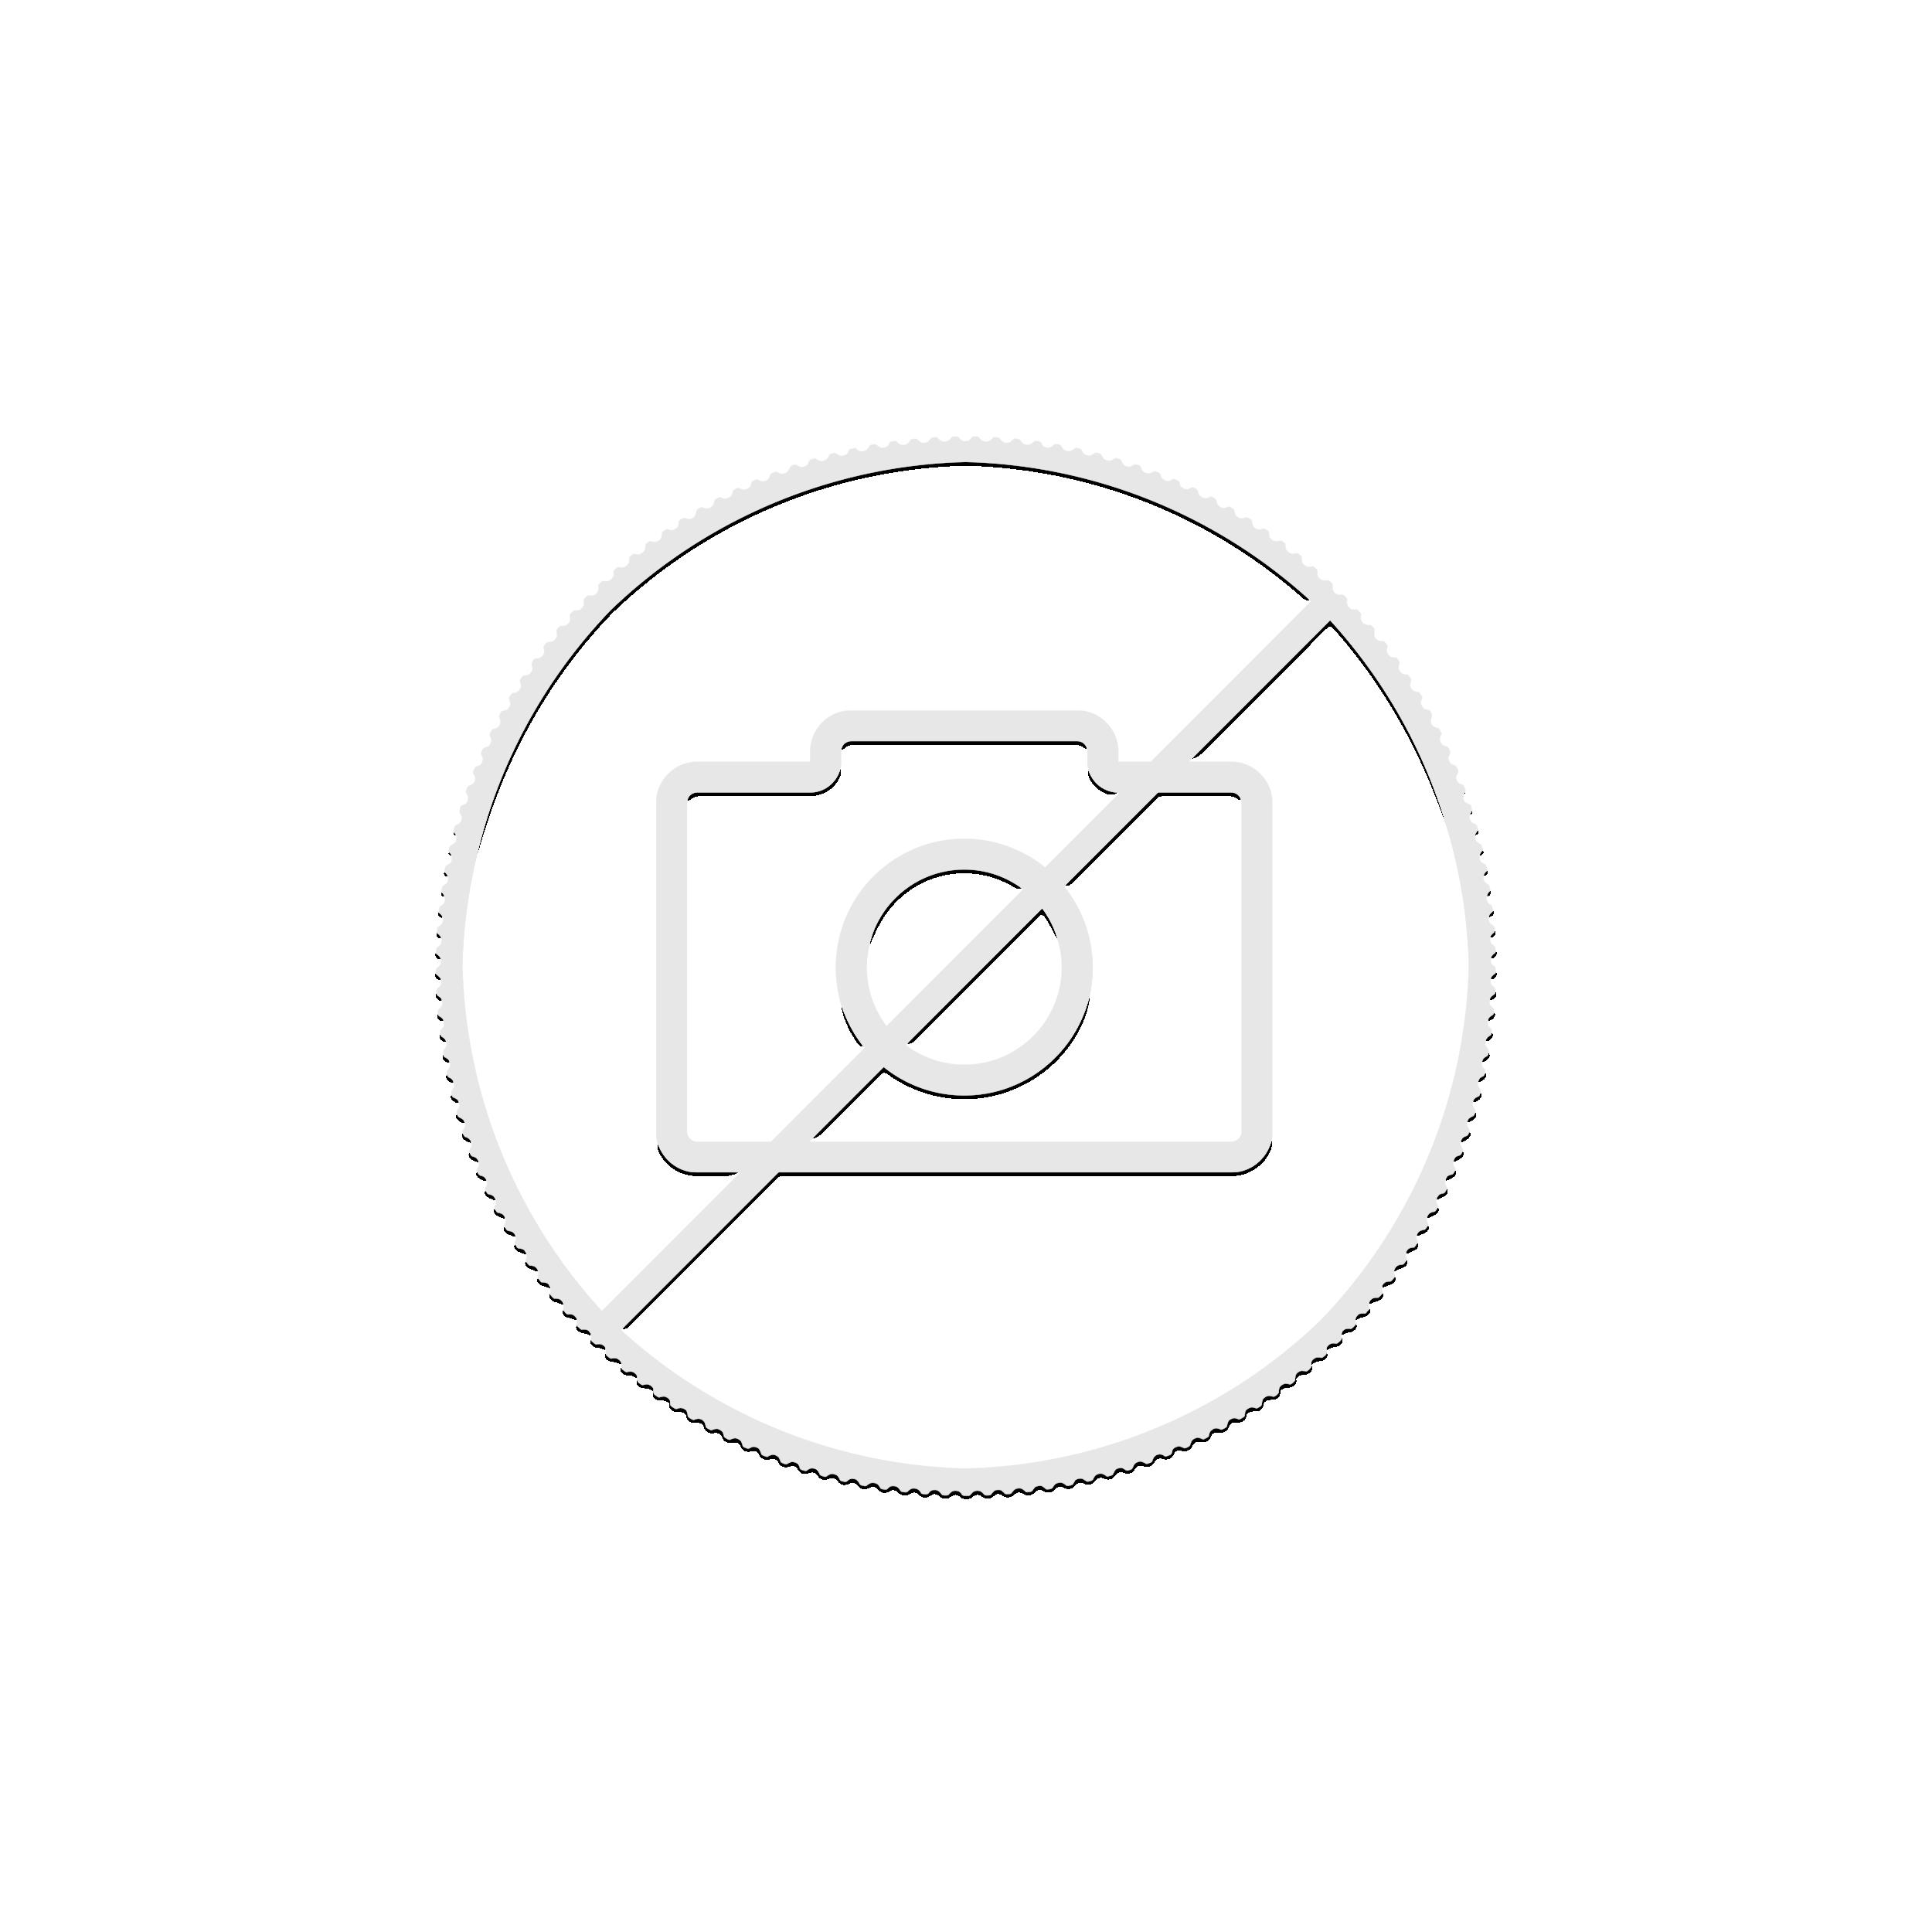 2 troy ounce zilveren Lunar munt 2007 Jaar van het varken